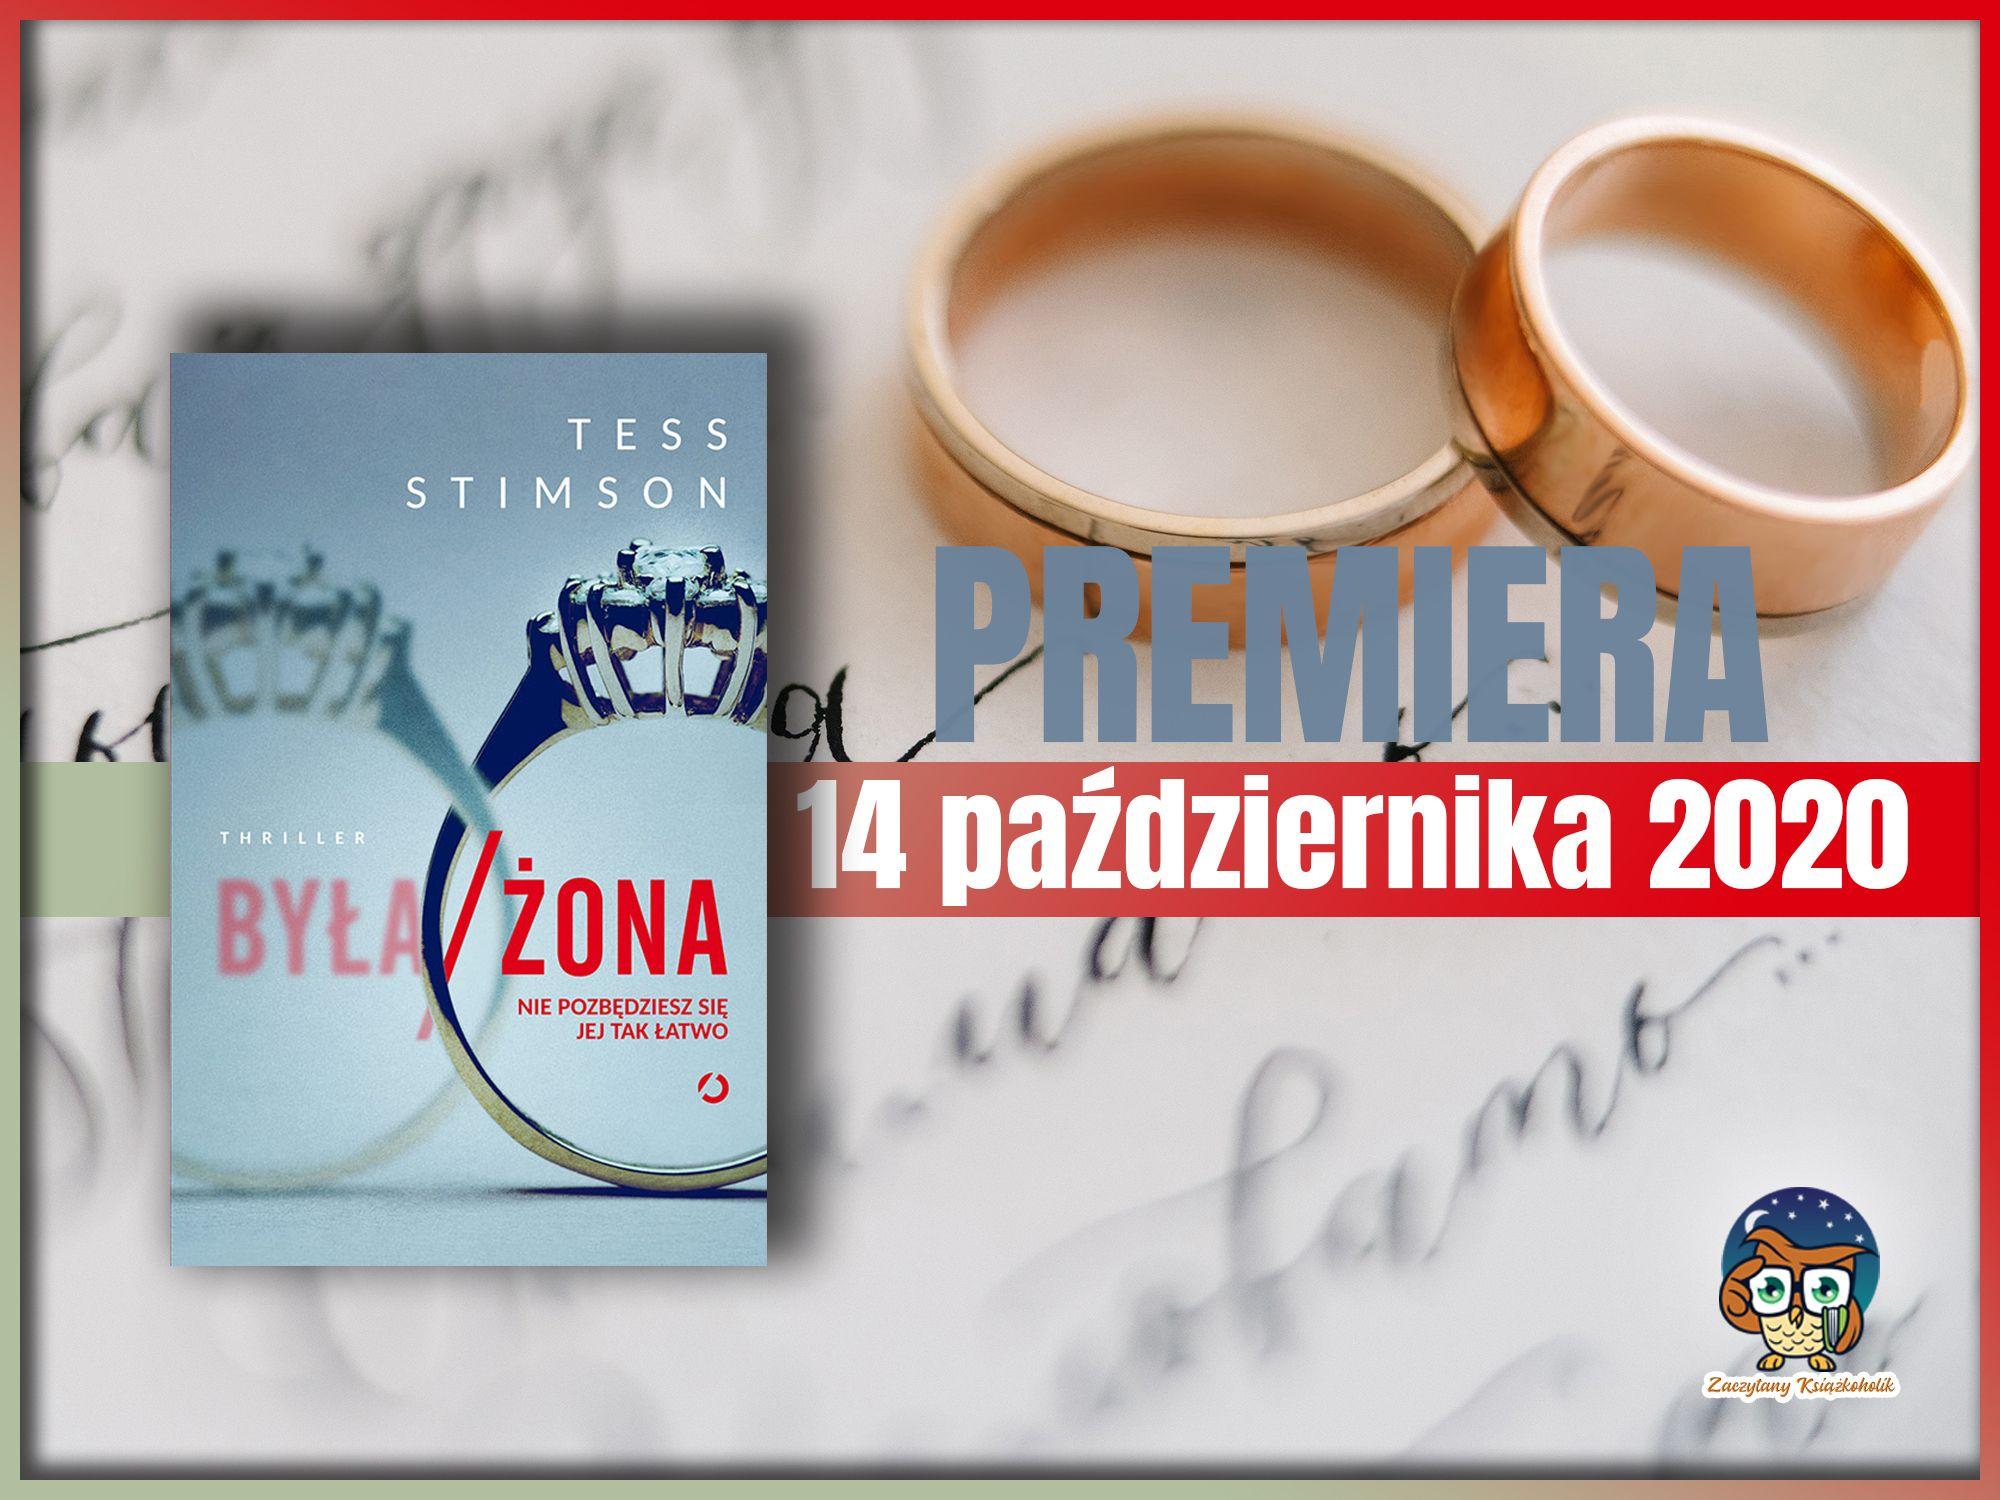 Była żona, Tess Stimson, zaczytanyksiazkoholik.pl